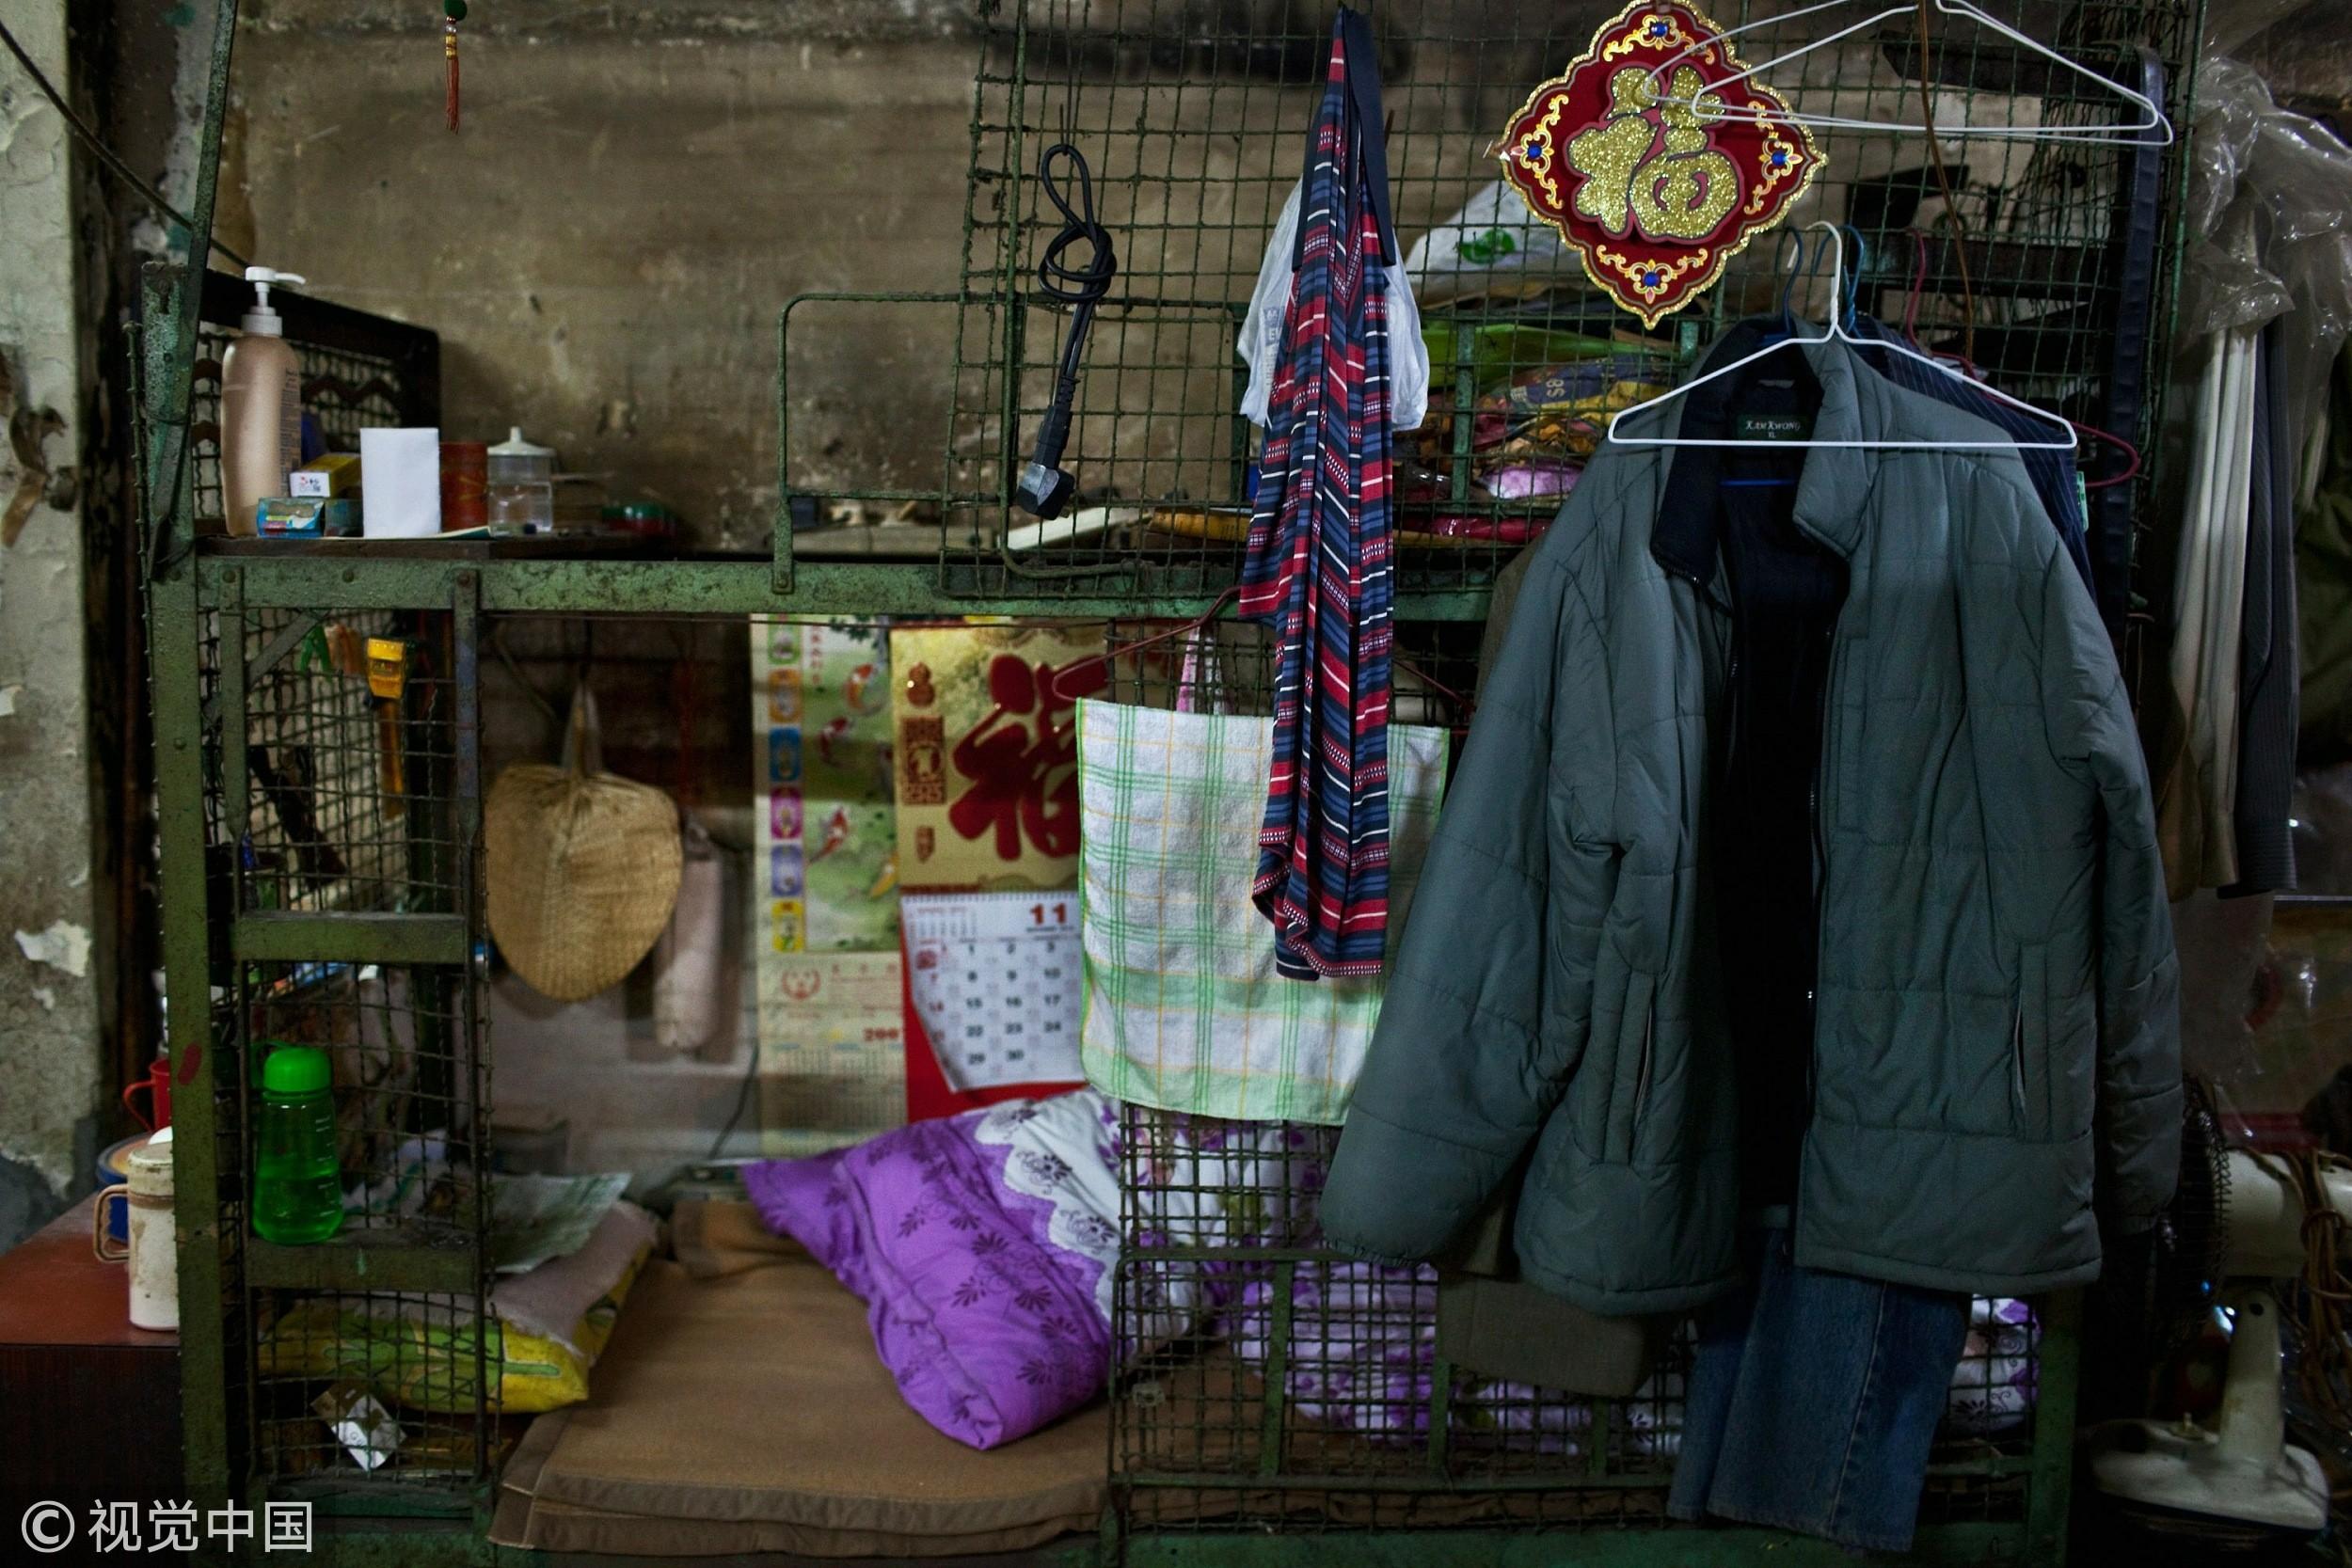 """▲▼香港,籠屋,老人,籠房。78歲老人梁書(音譯)居住在""""籠屋""""裏。香港人口稠密,為數不少的老弱貧苦人聚居在這種各以鐵絲網圍住的舊樓床位內。(圖/CFP)"""